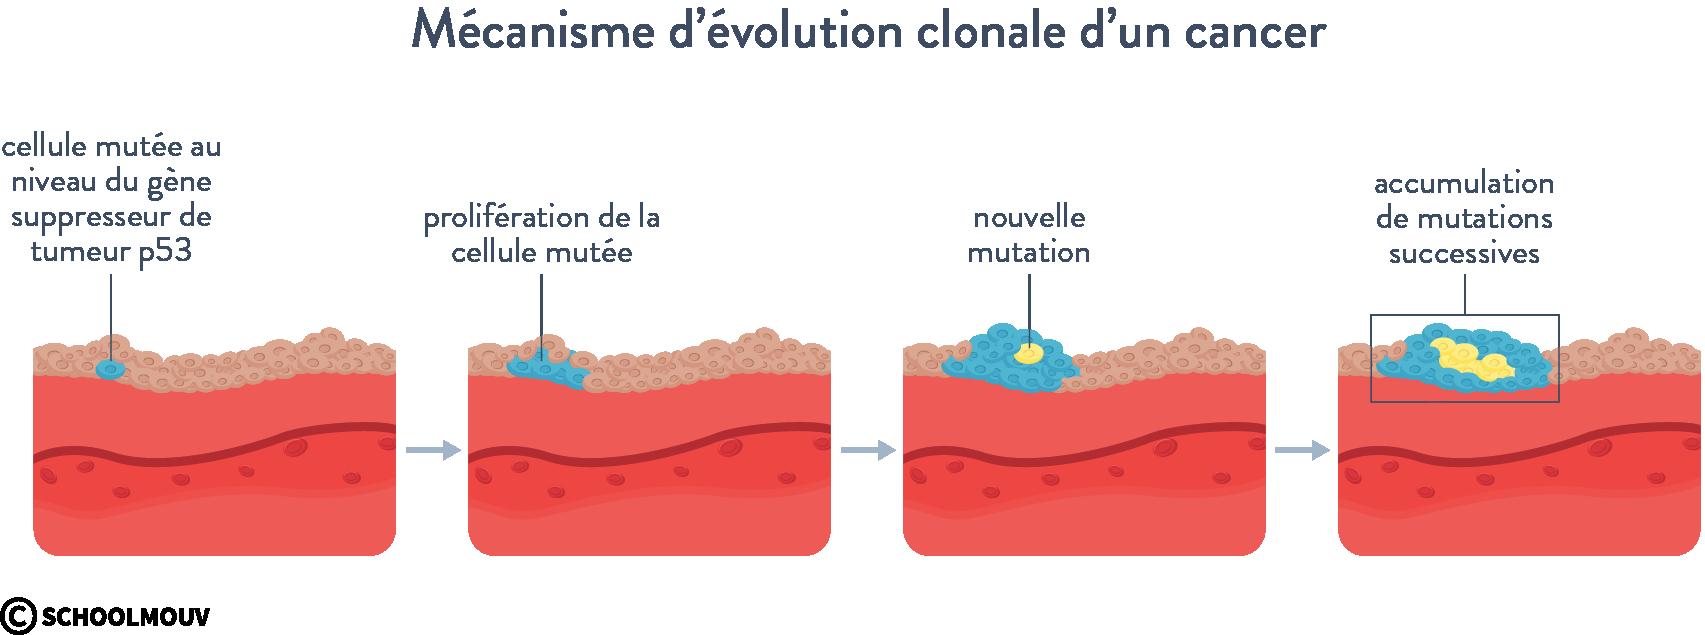 Mécanisme d'évolution clonale d'un cancer tumeur maligne bénigne